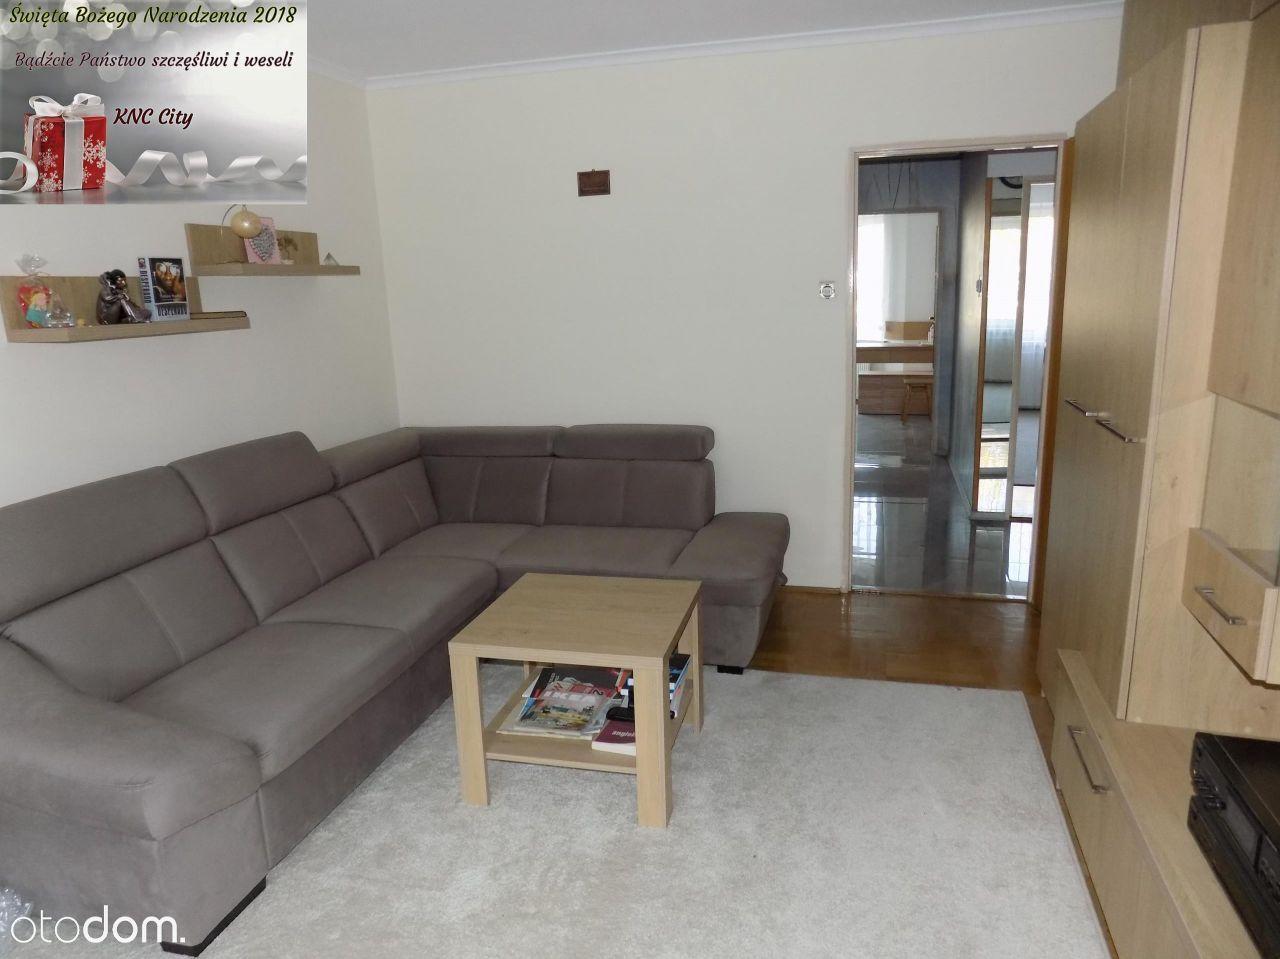 Mieszkanie na sprzedaż, Lublin, Sławinek - Foto 1